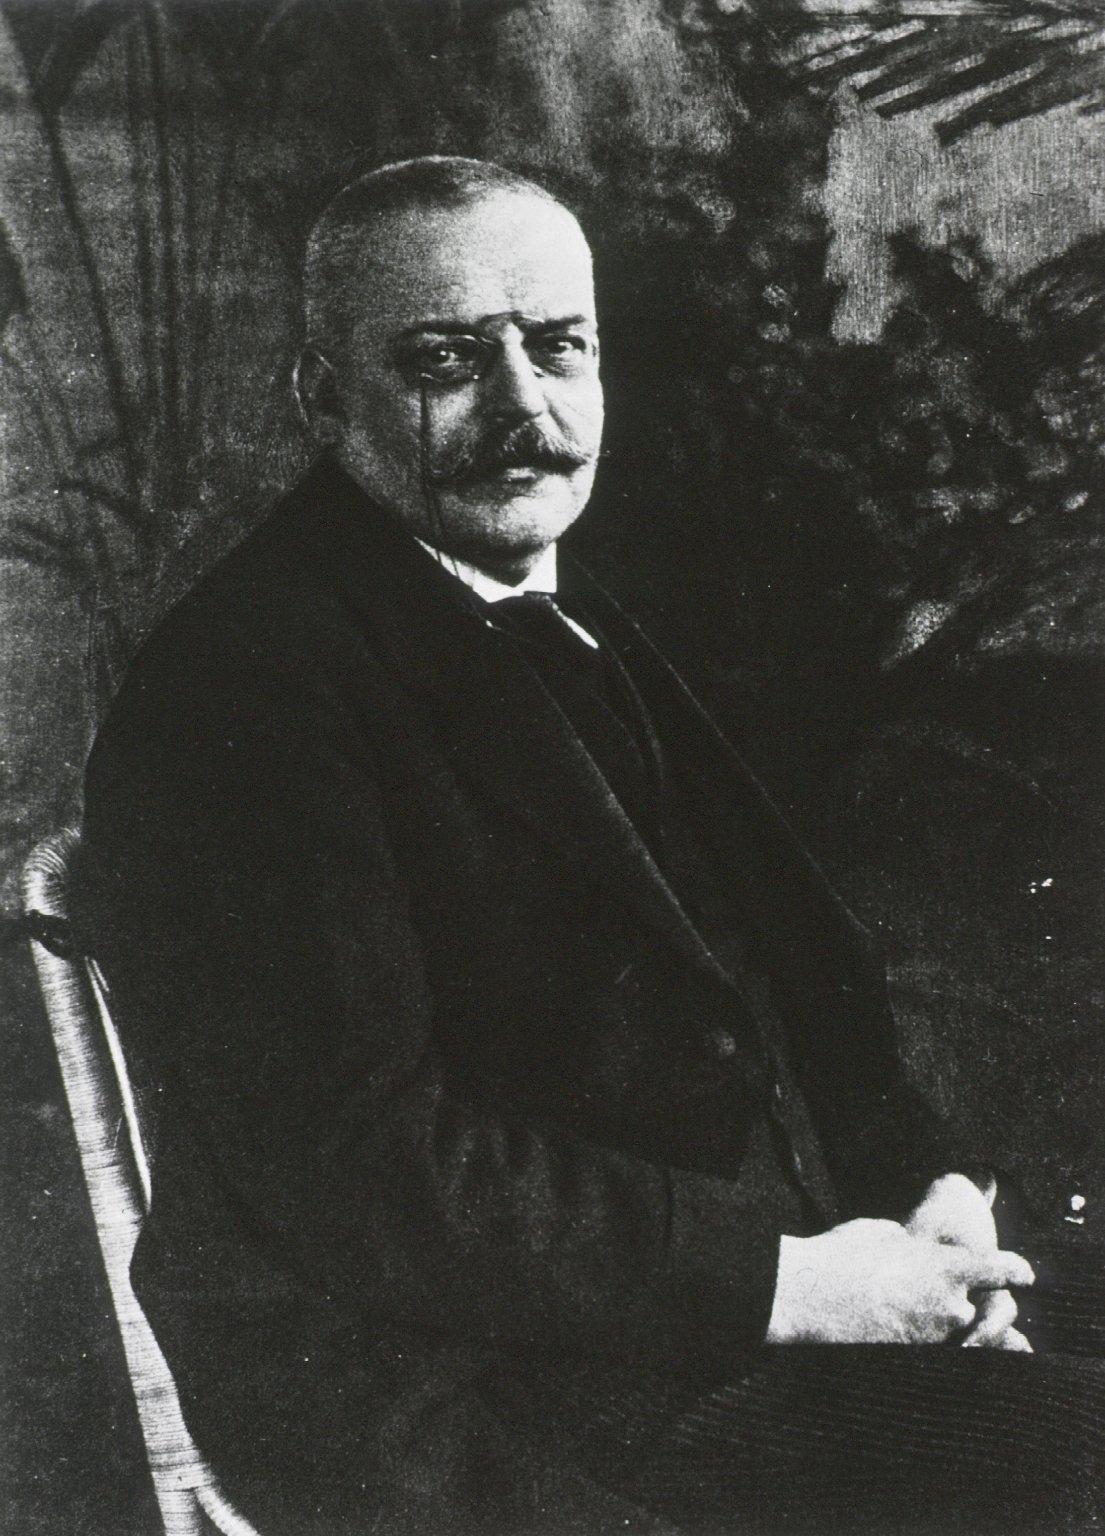 Alois Alzheimer(1864-1915)